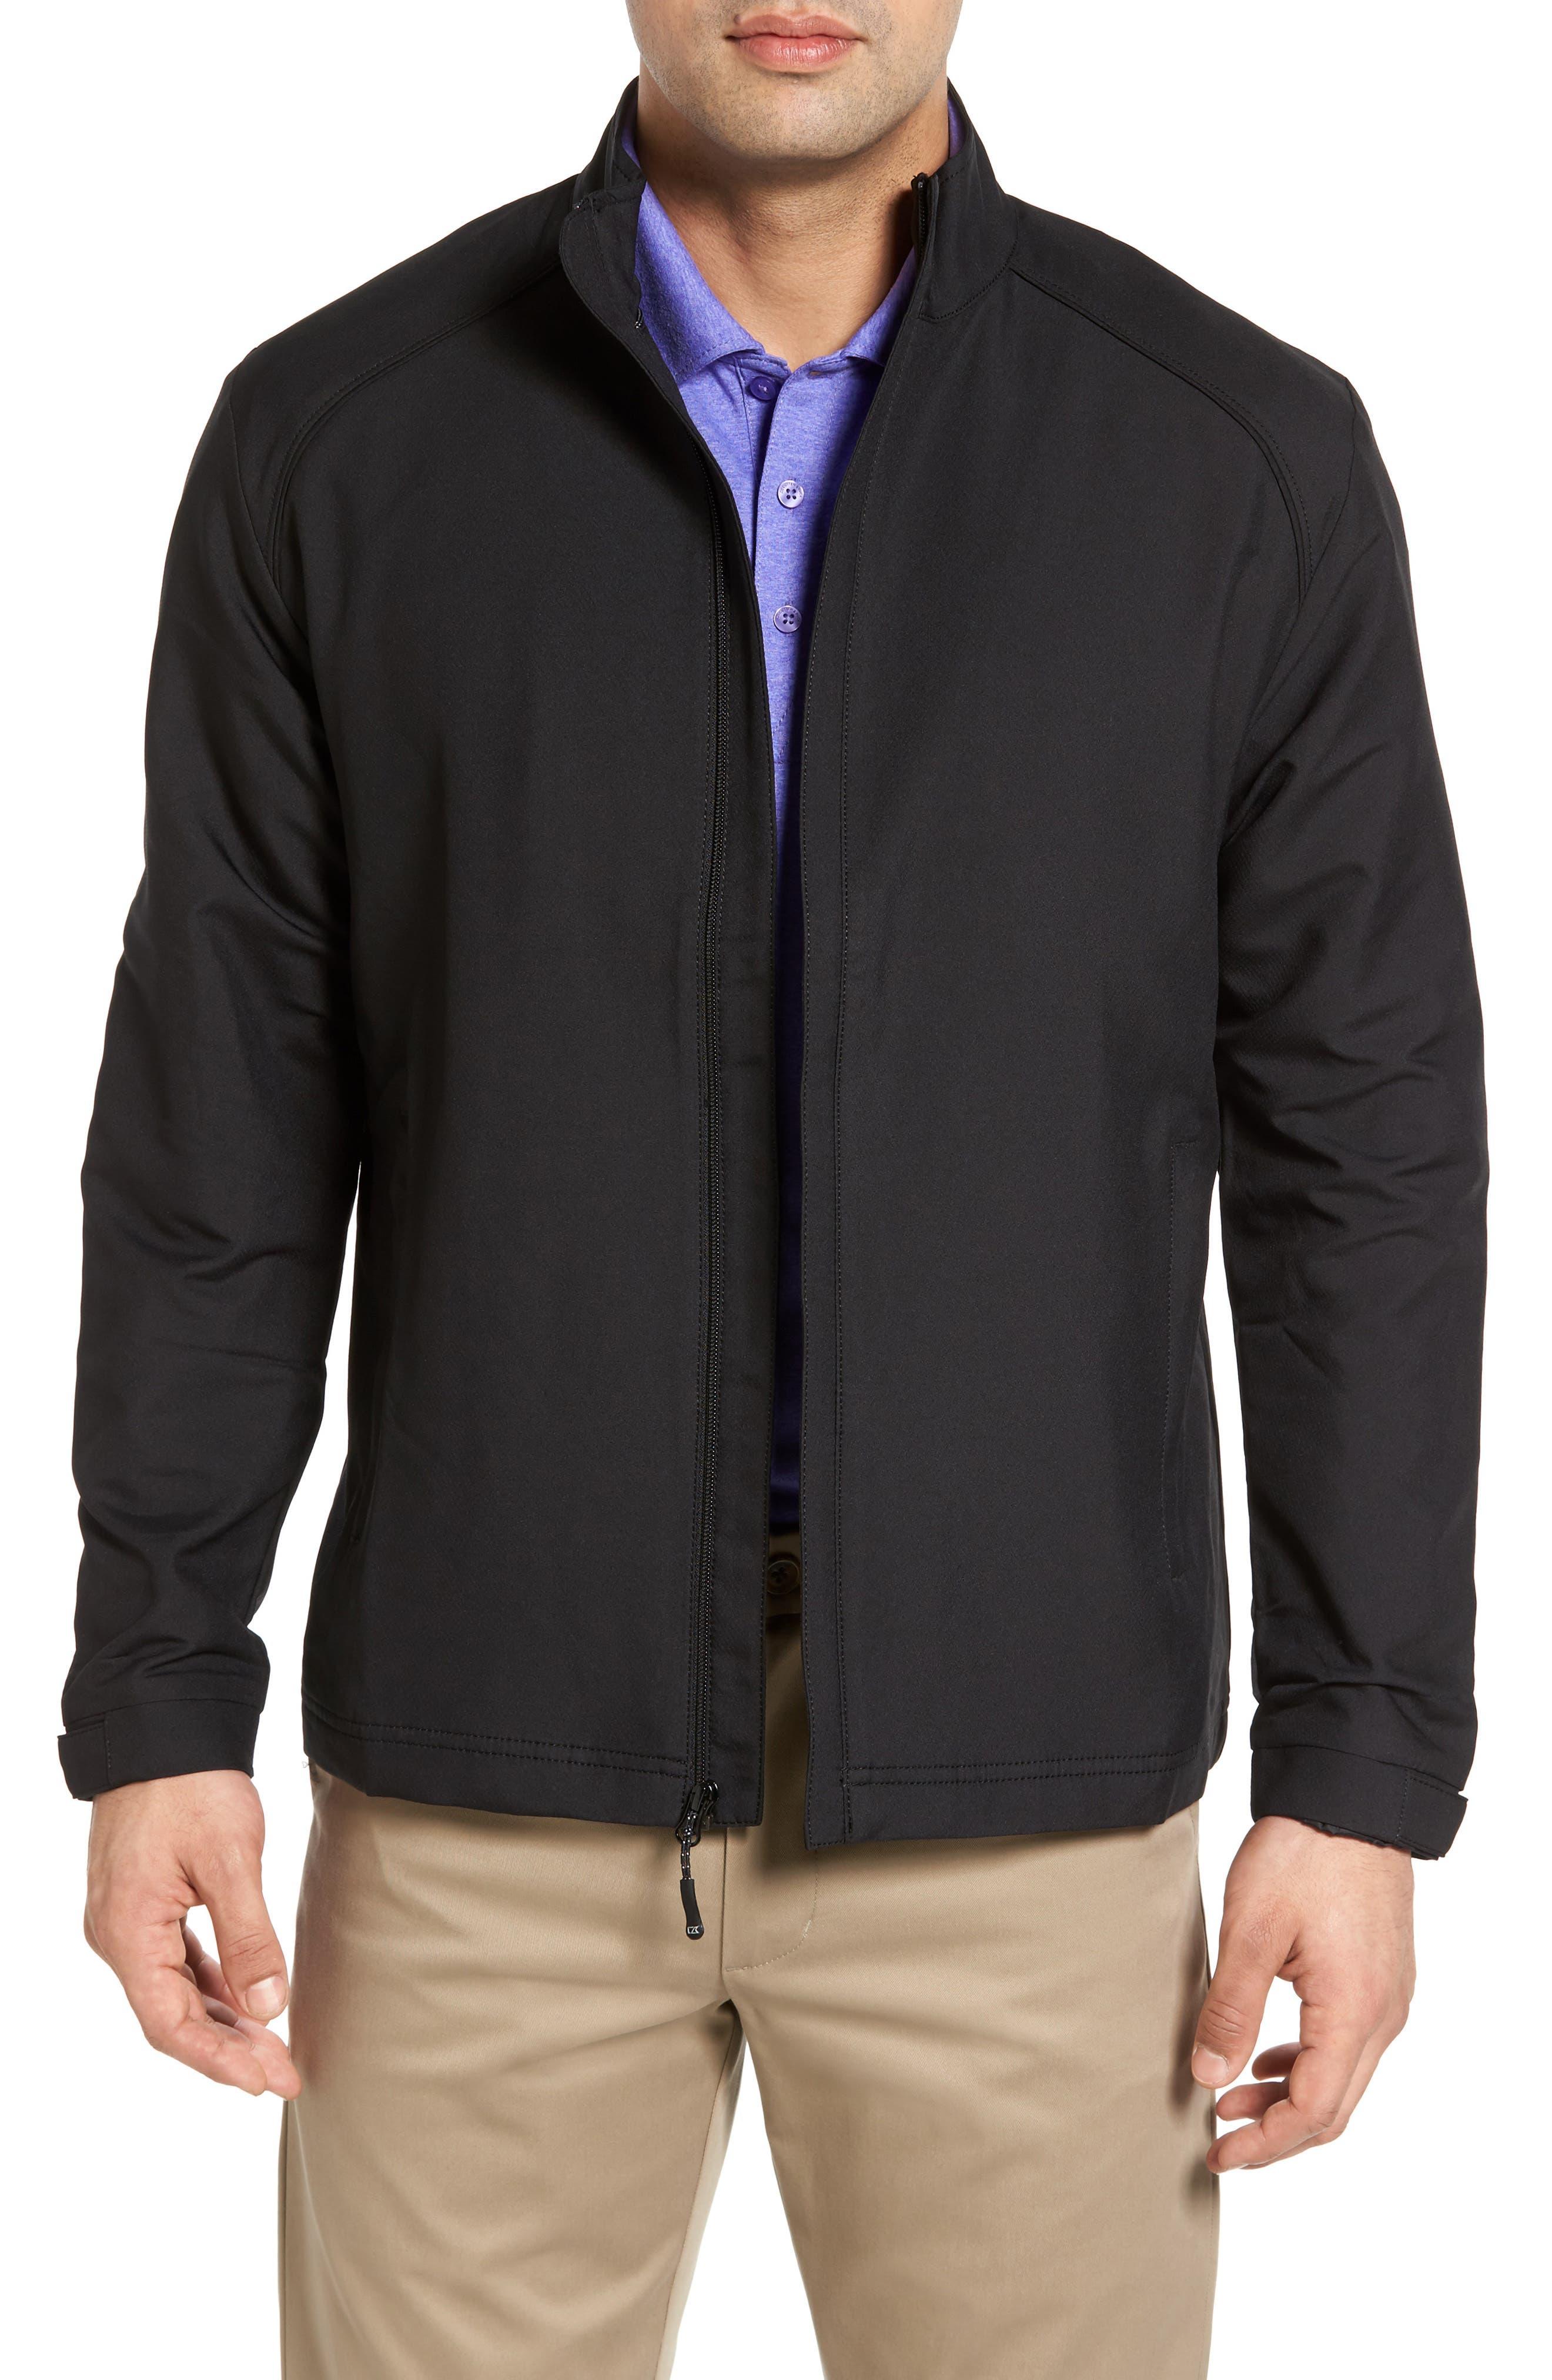 'Blakely' WeatherTec<sup>®</sup> Wind & Water Resistant Full Zip Jacket,                         Main,                         color, BLACK